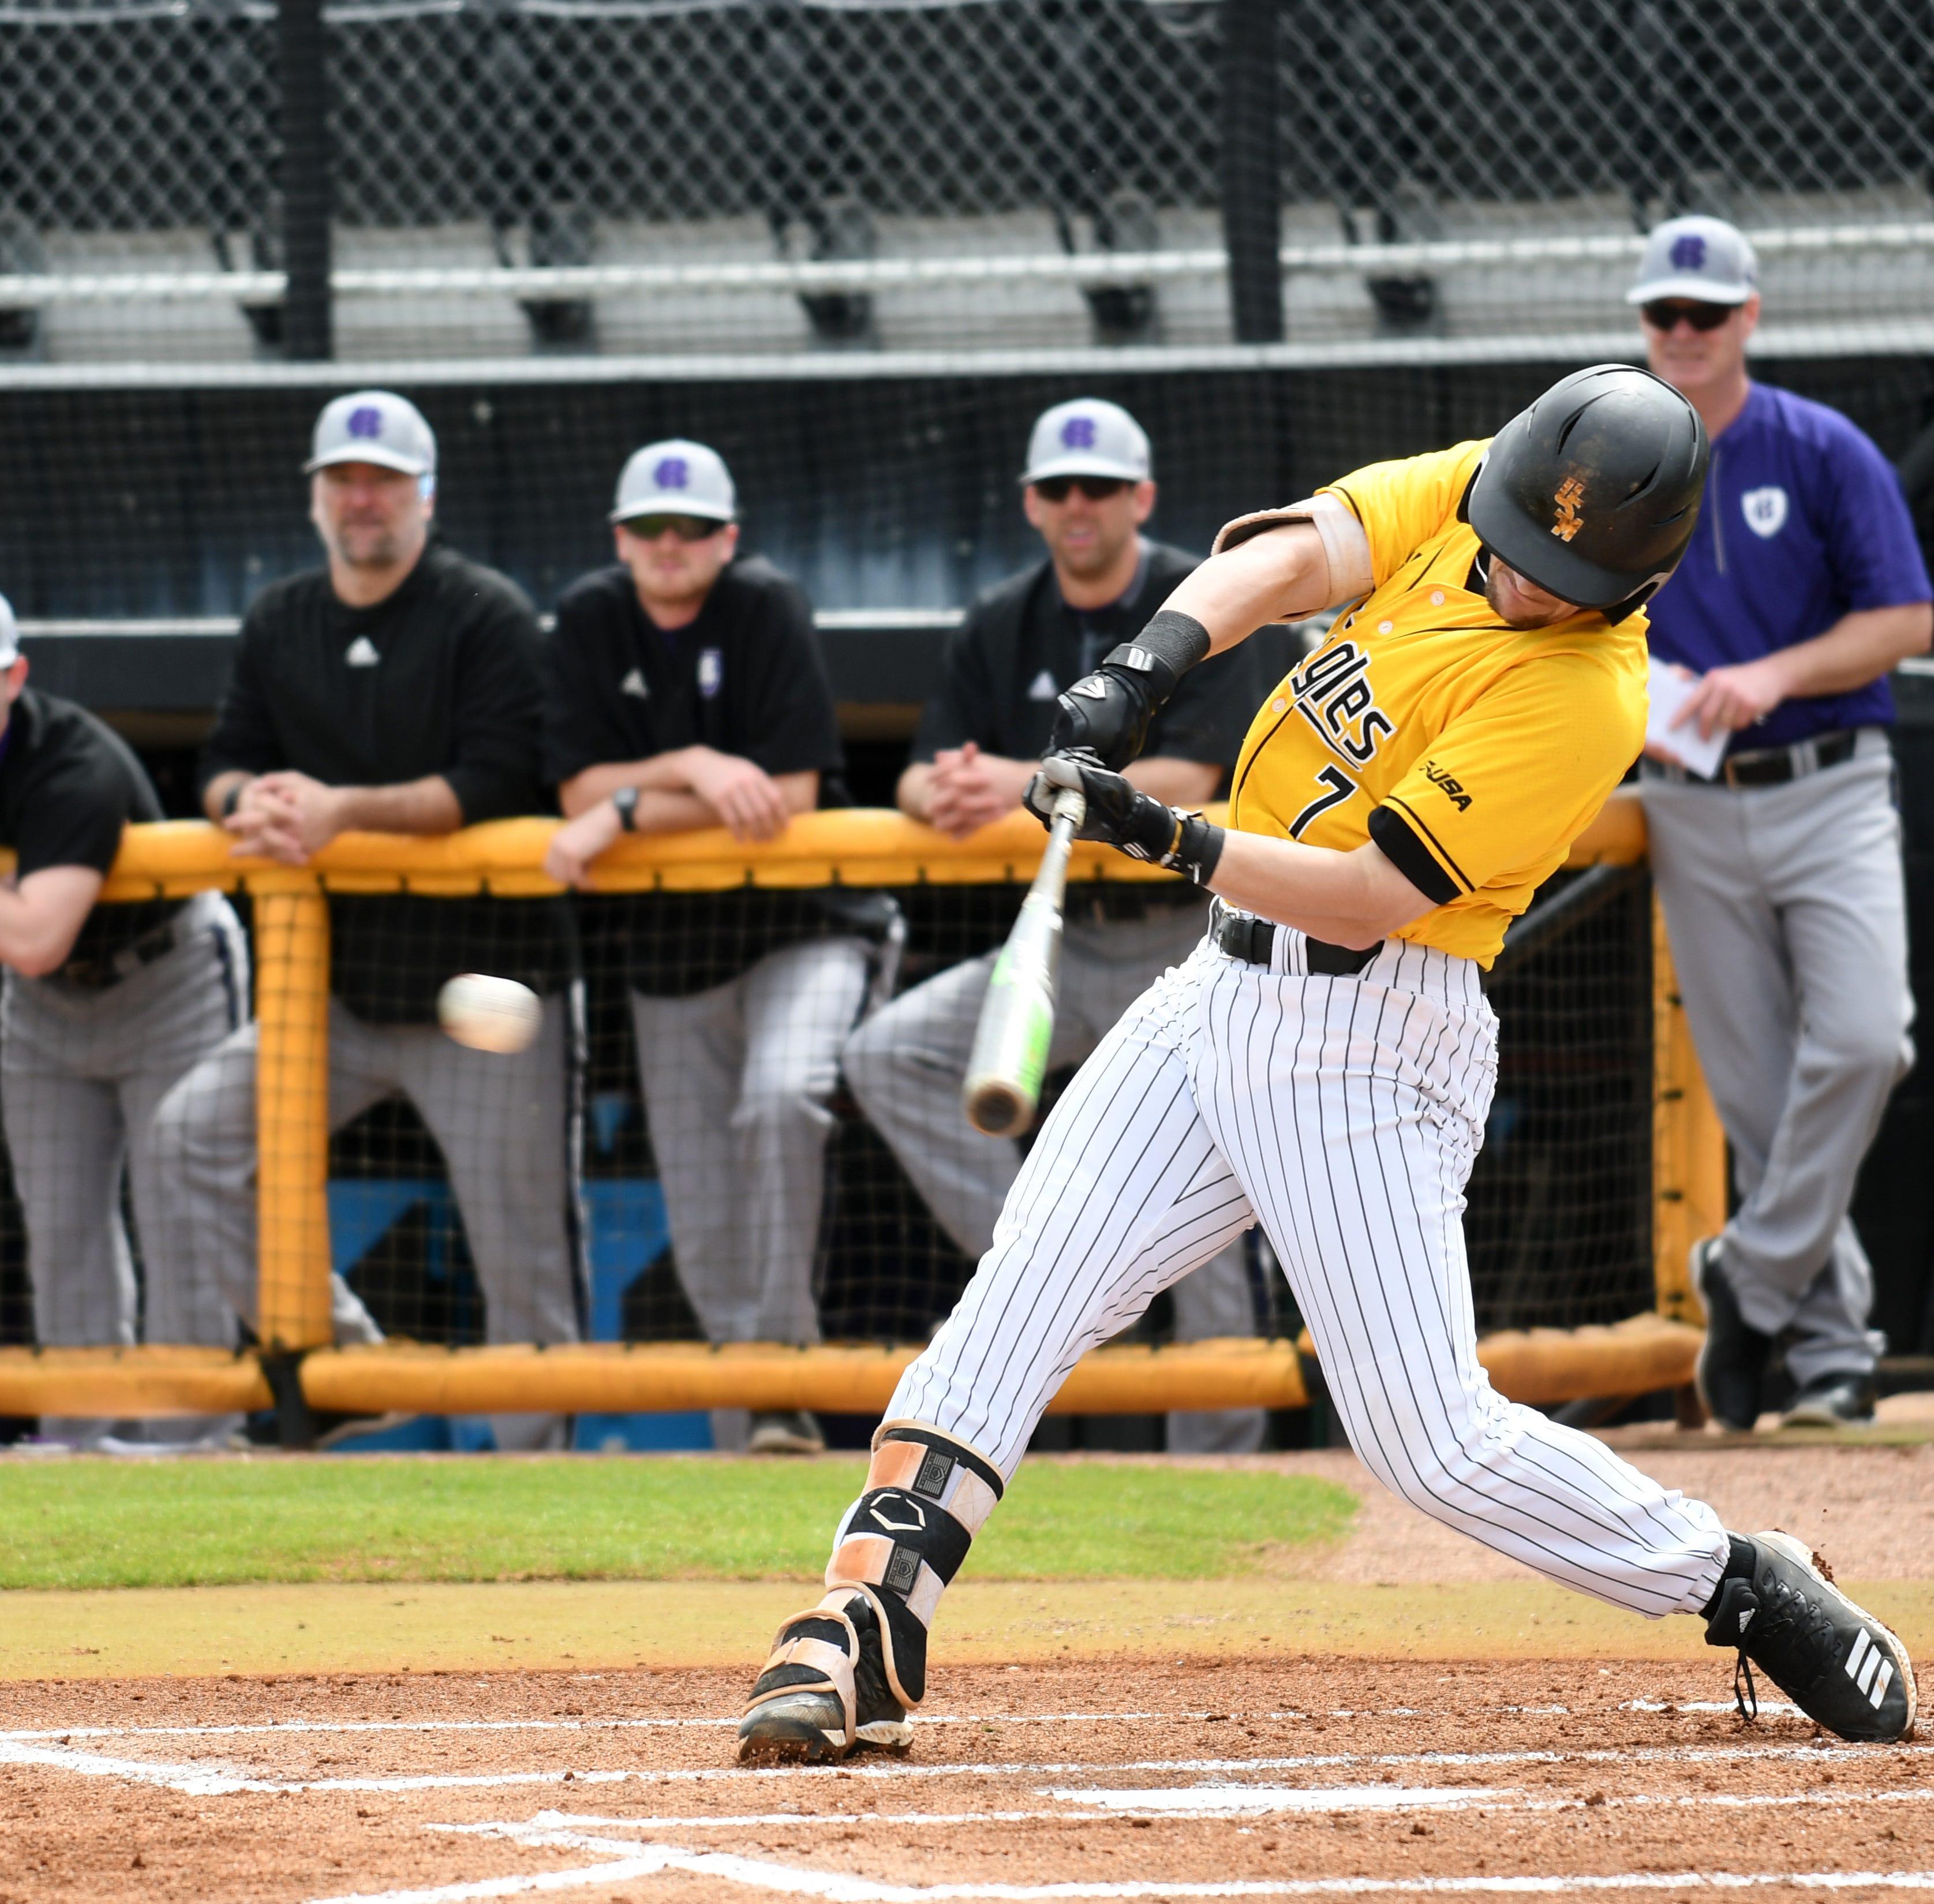 Southern Miss baseball rallies late to beat Louisiana-Monroe, 5-4